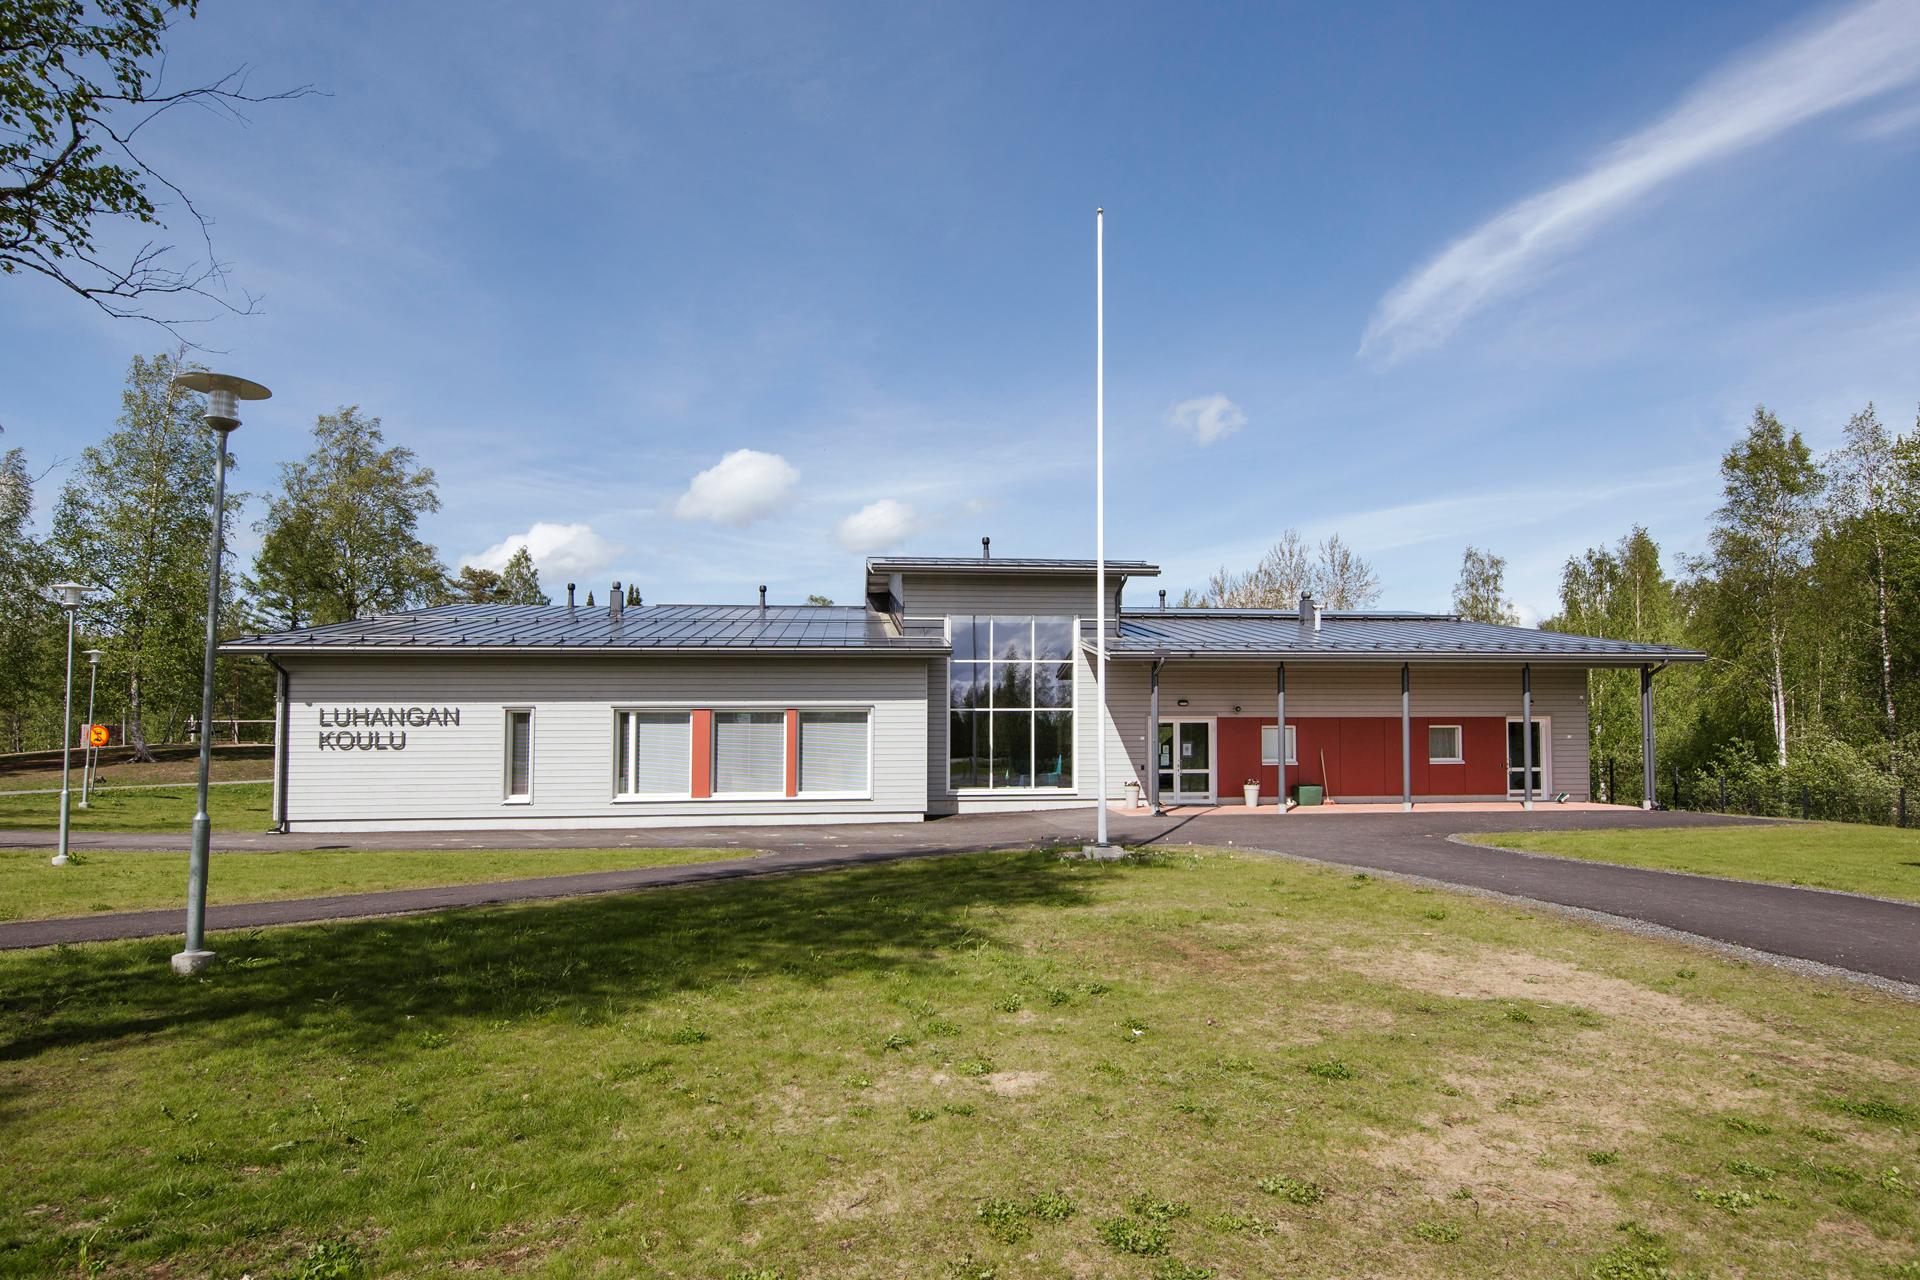 Luhanka Koulu 9